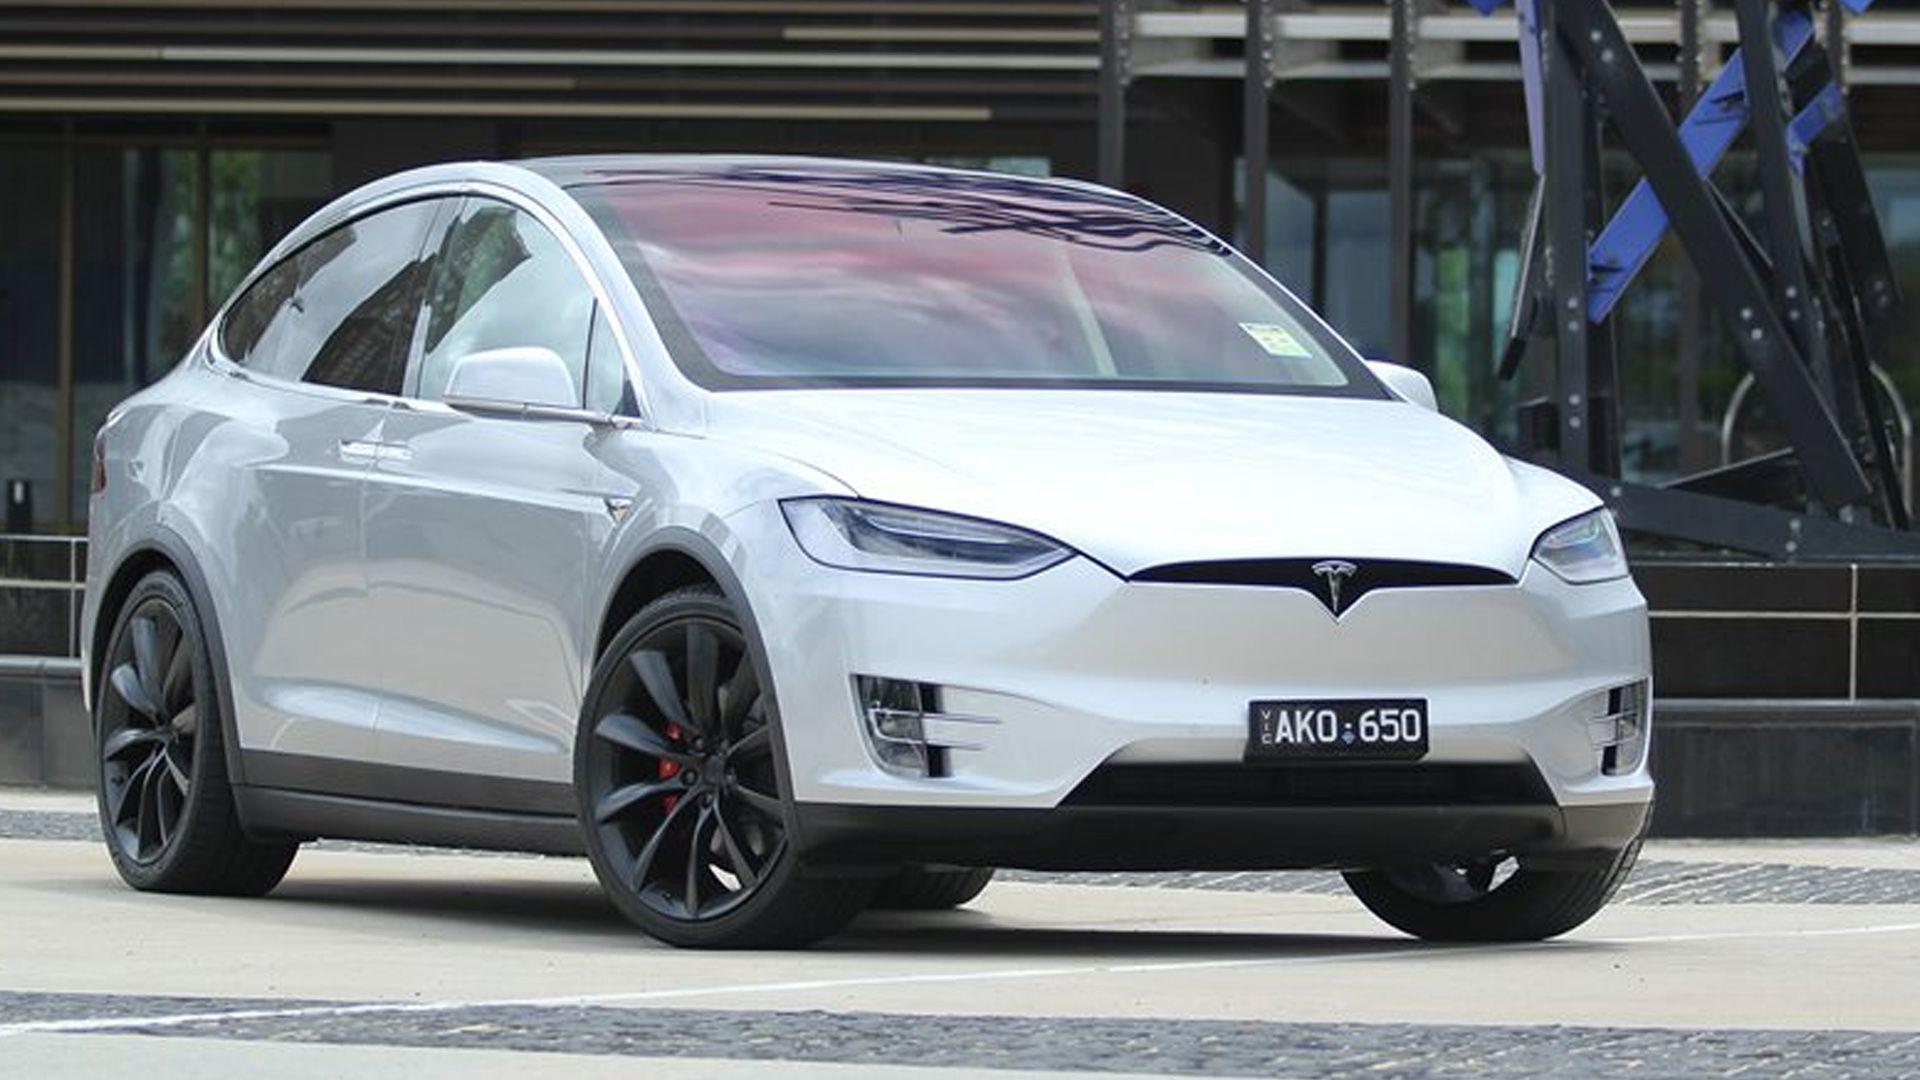 2017 Tesla Model X Tesla Model X Tesla Model Automotive Design